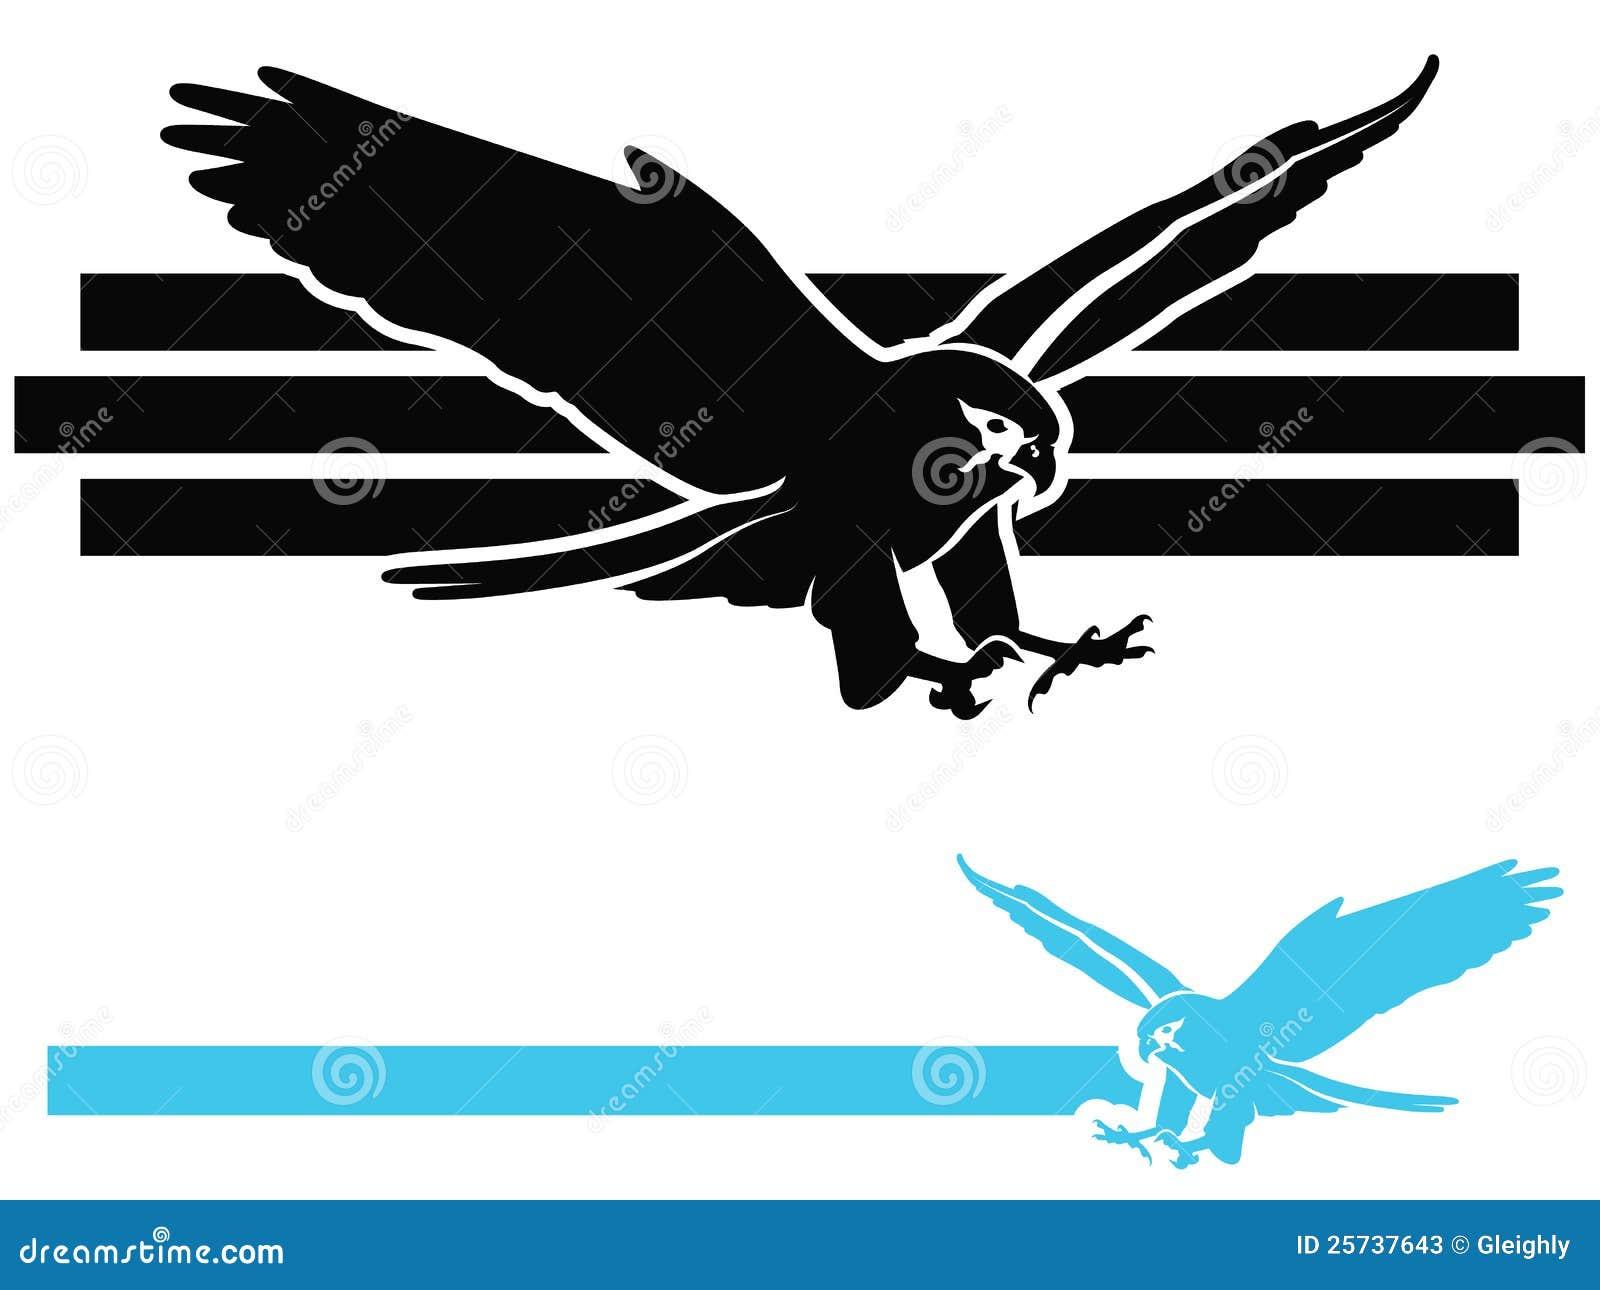 Falcon graphic - photo#22